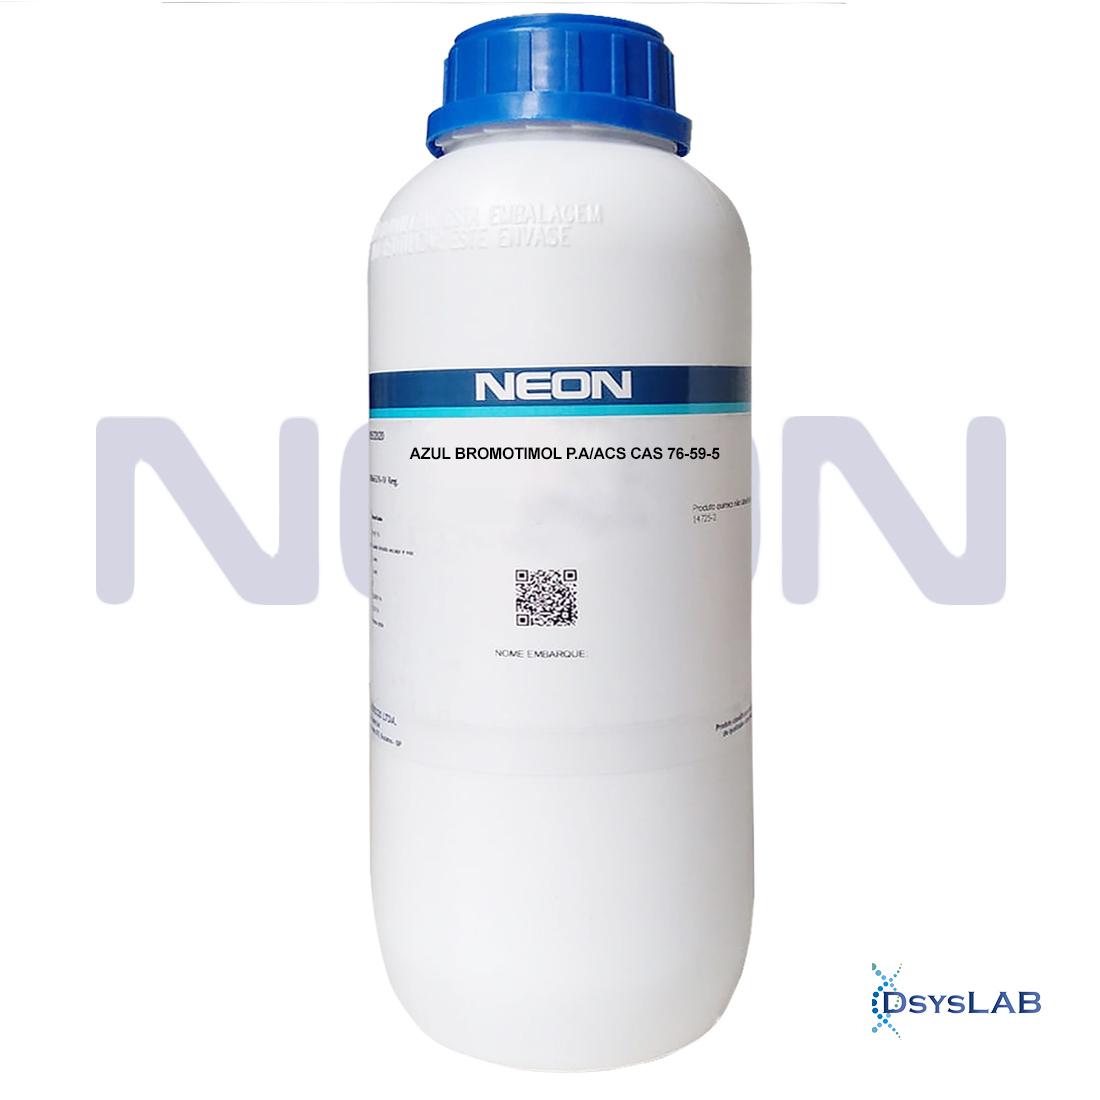 Azul Bromotimol P.A/ACS CAS 76-59-5 NEON